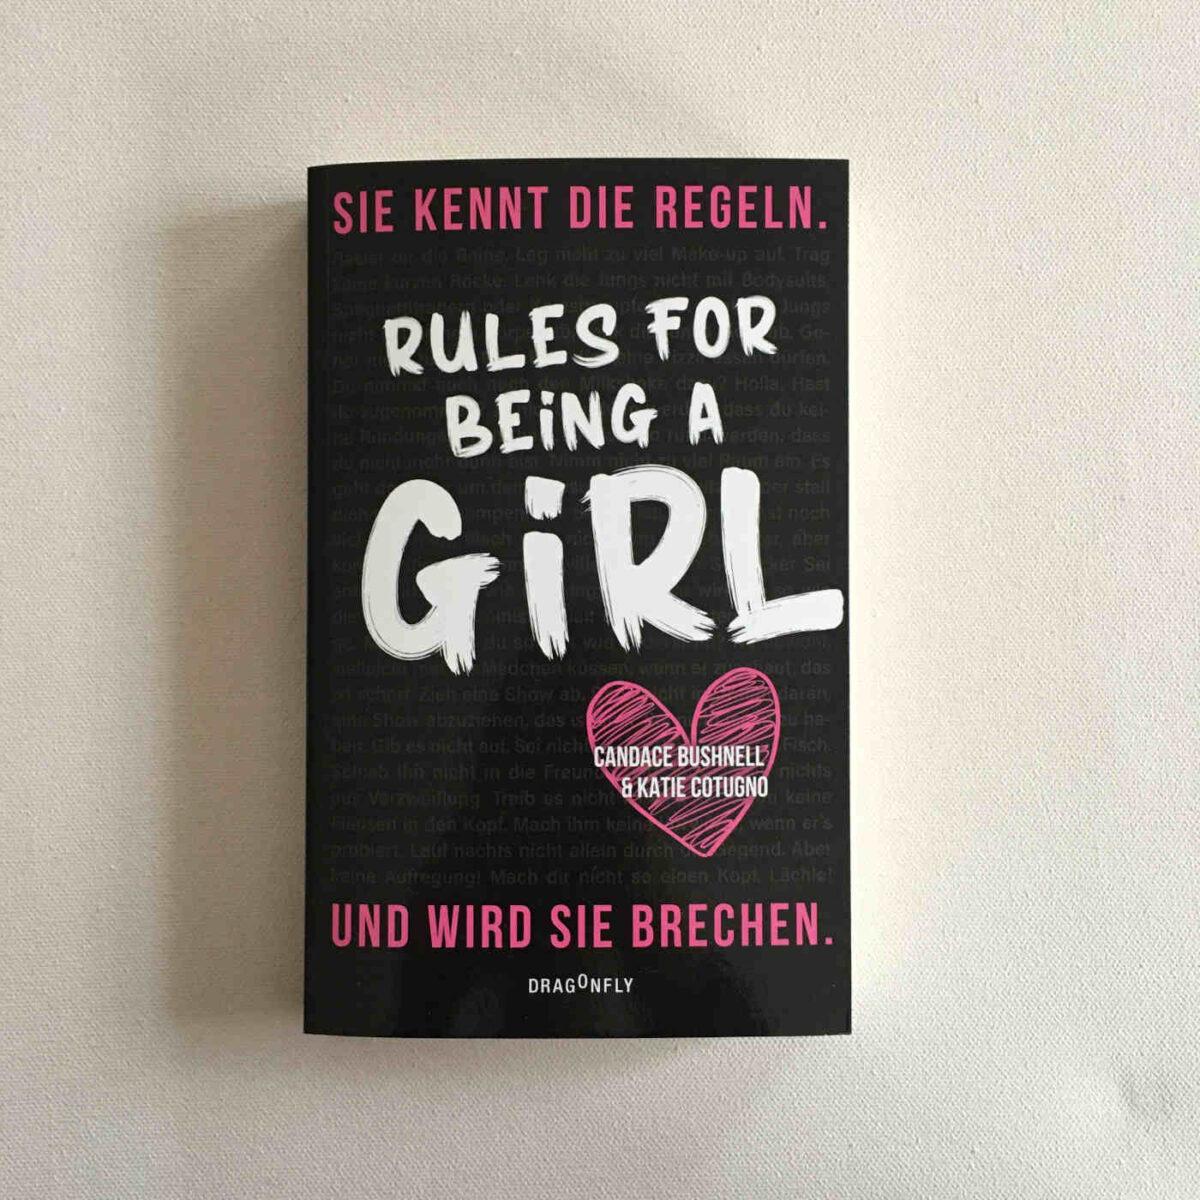 Candace Bushnell Katie Cotugno rules for being a girl Dragonfly Geschenktipp Brigitte Wallingers Kinder- und Jugendbuchblog Buchtipps für Kinder und Jugendliche Kids und Teens Buchempfehlung musst du lesen Geschenk Jugendliche 14 Jahre Teenager 15 Jahre 16 Jahre 17 Jahre